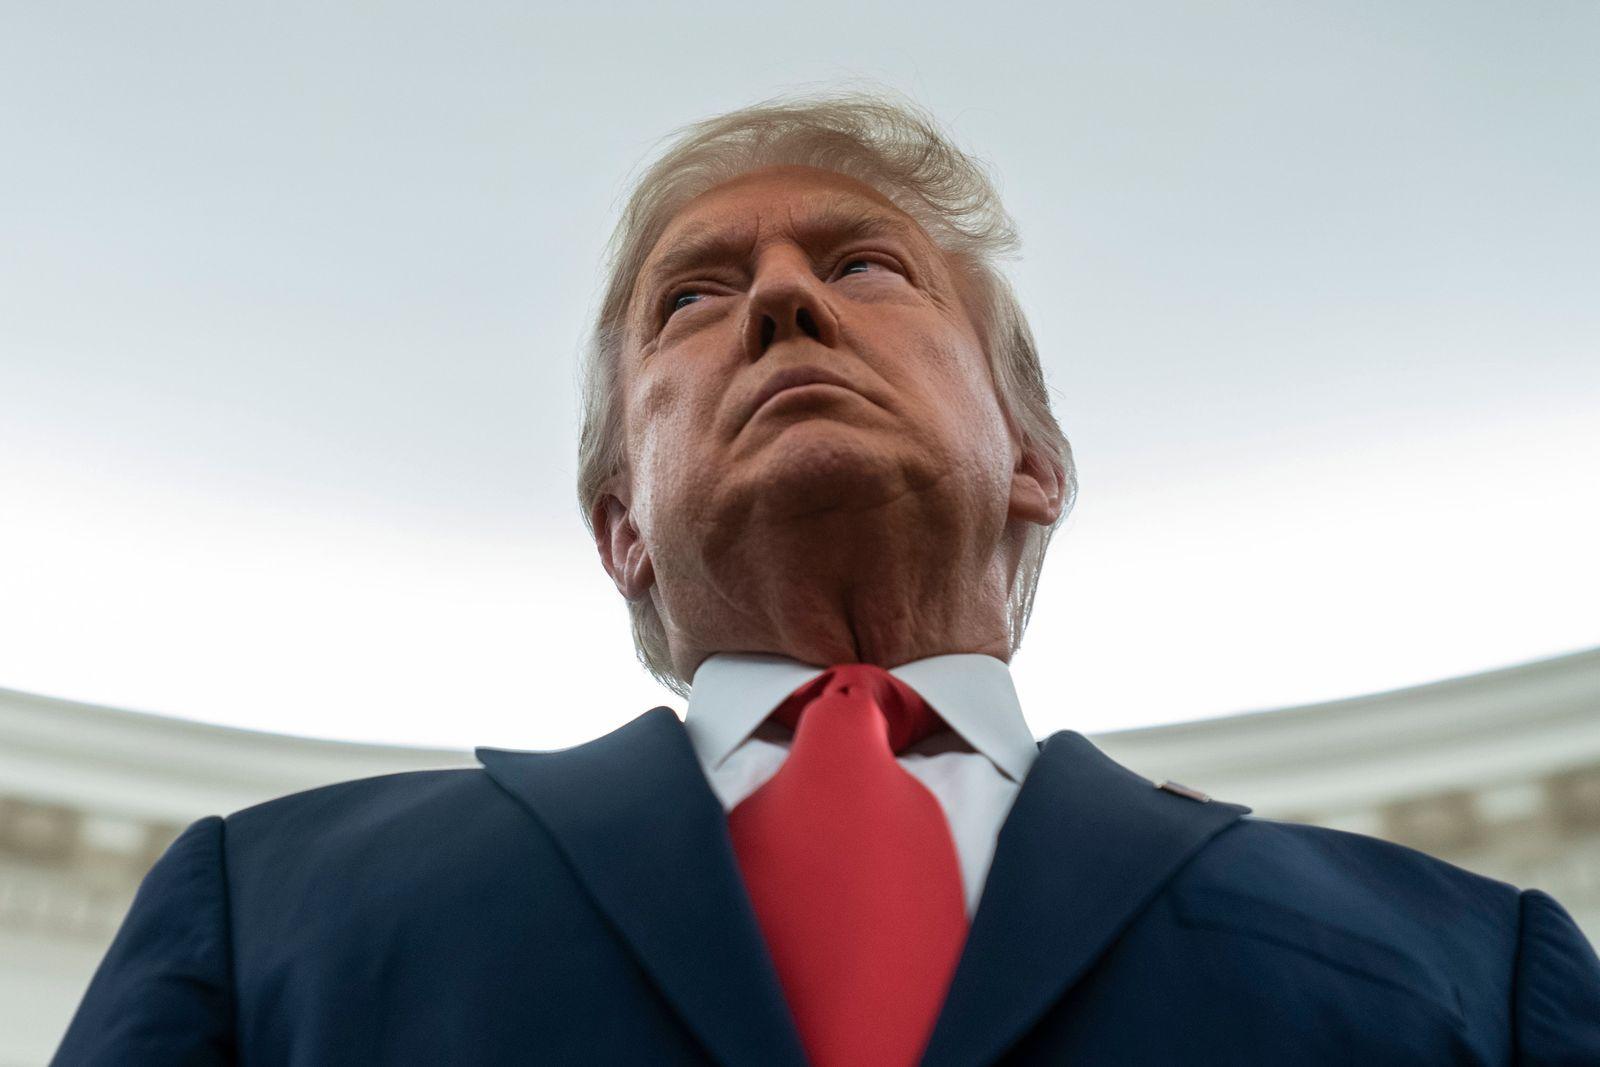 Ermittlungen in New York gegen Trumps Firma